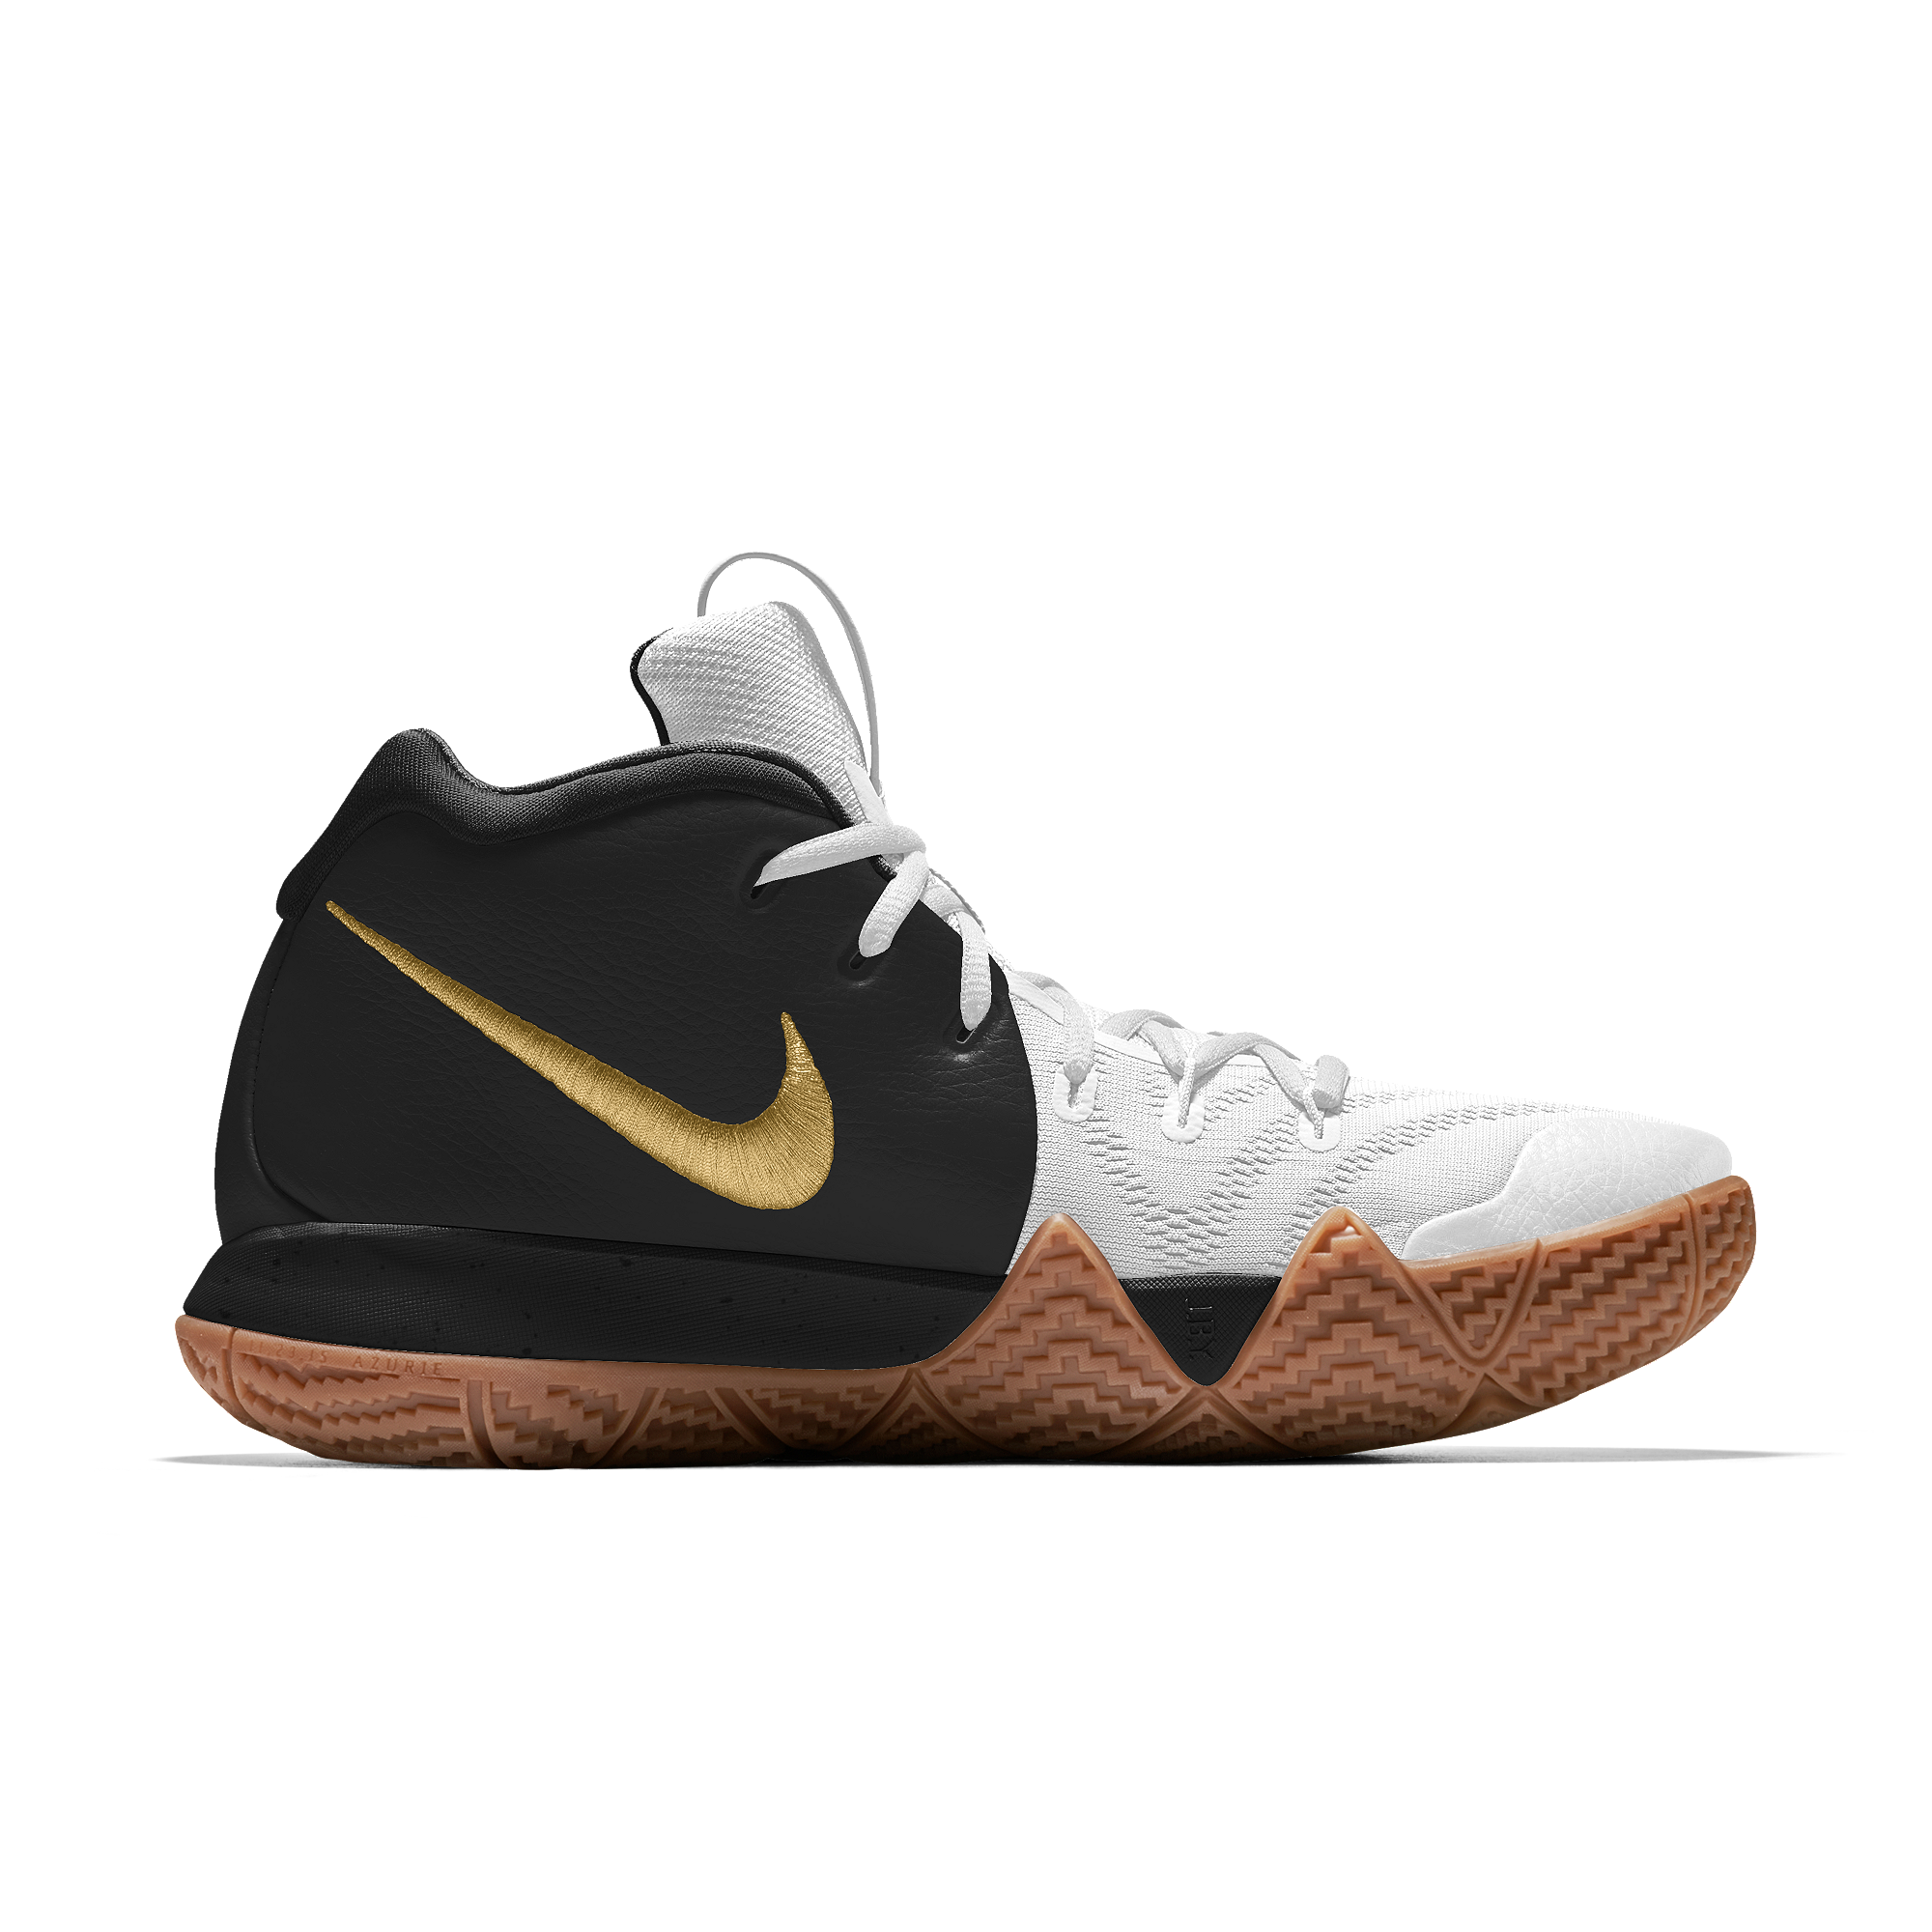 best service 5e807 e266c ... cheapest kyrie 4 id basketball shoe. nike 9a0be 9013b